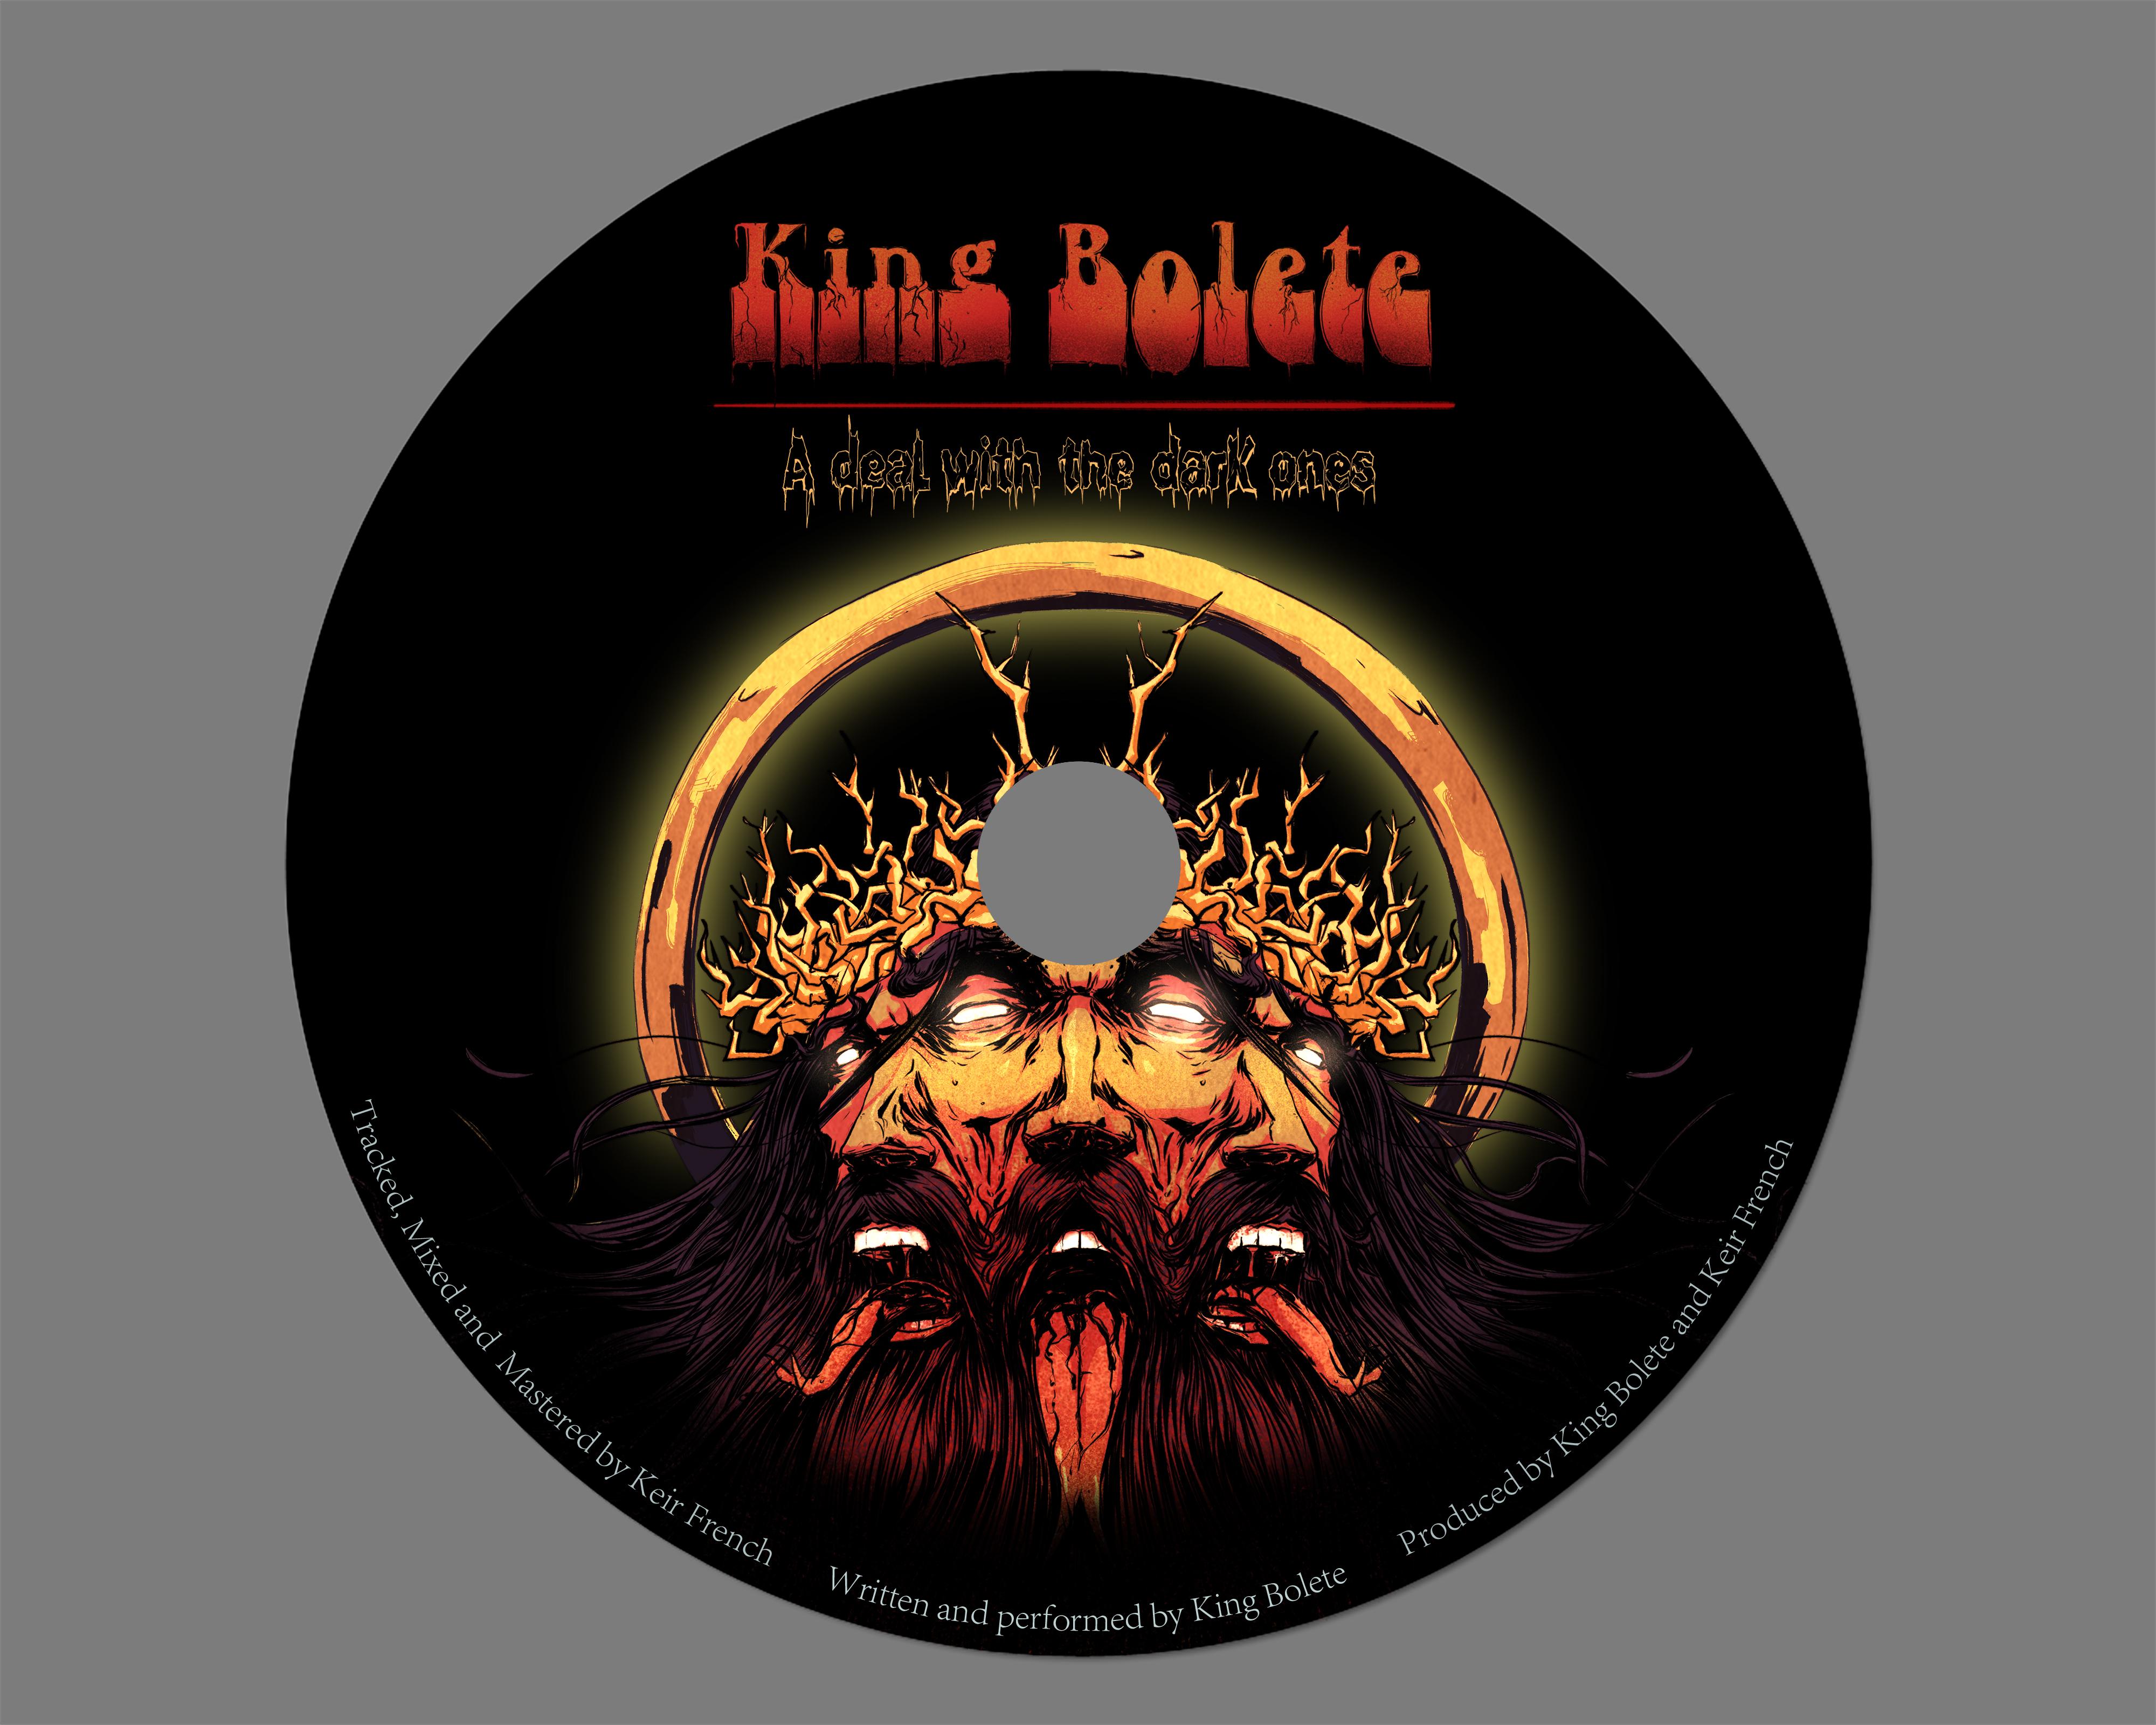 cd design King bolete